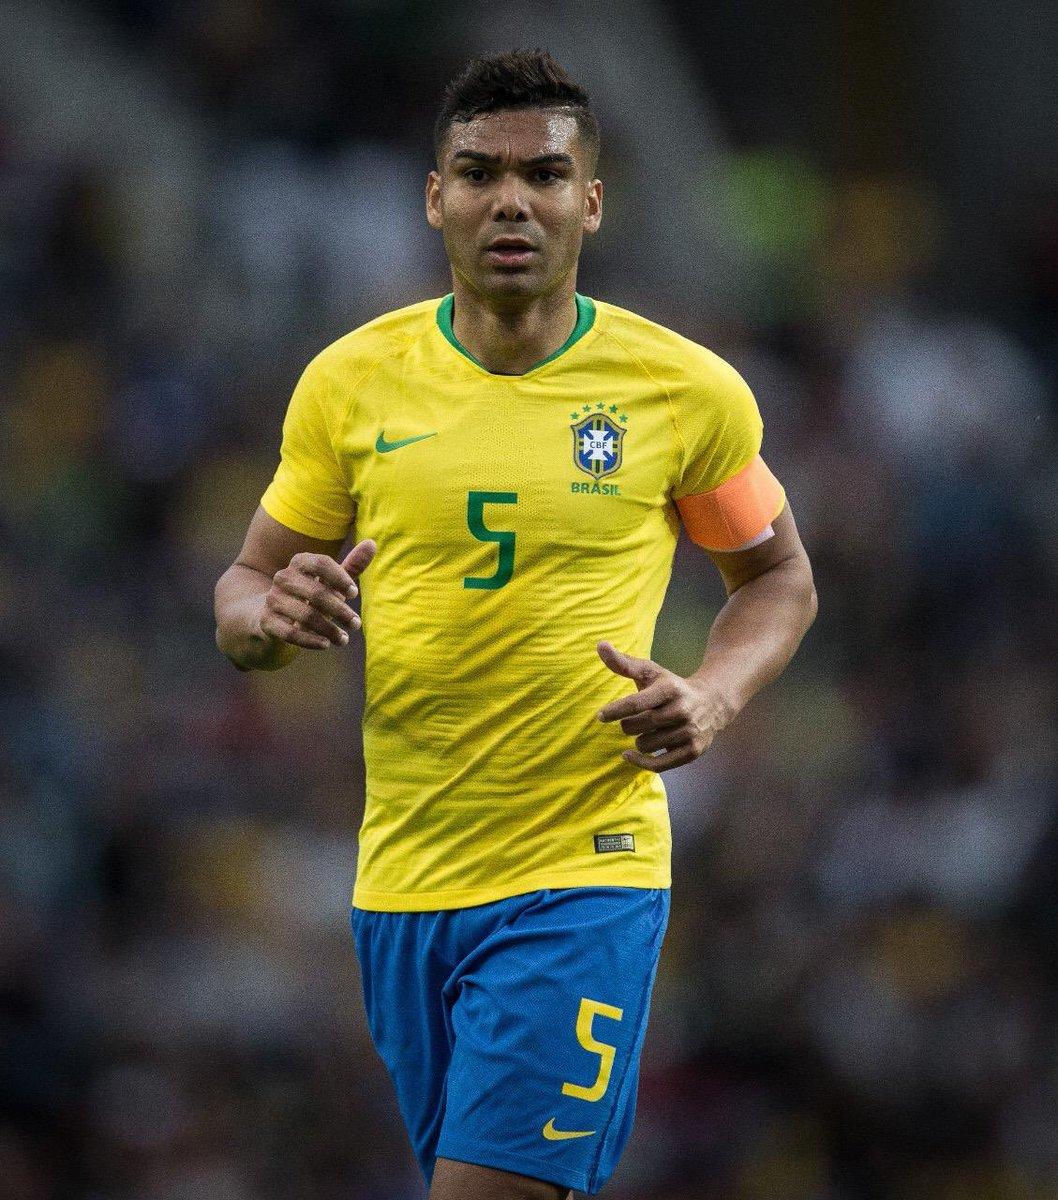 Na terça-feira, um novo desafio. Vamos trabalhar para continuar melhorando. ¡Vamos, Brasil!  #SeleçãoBrasileira #VamosBrasil #Ca5emiro